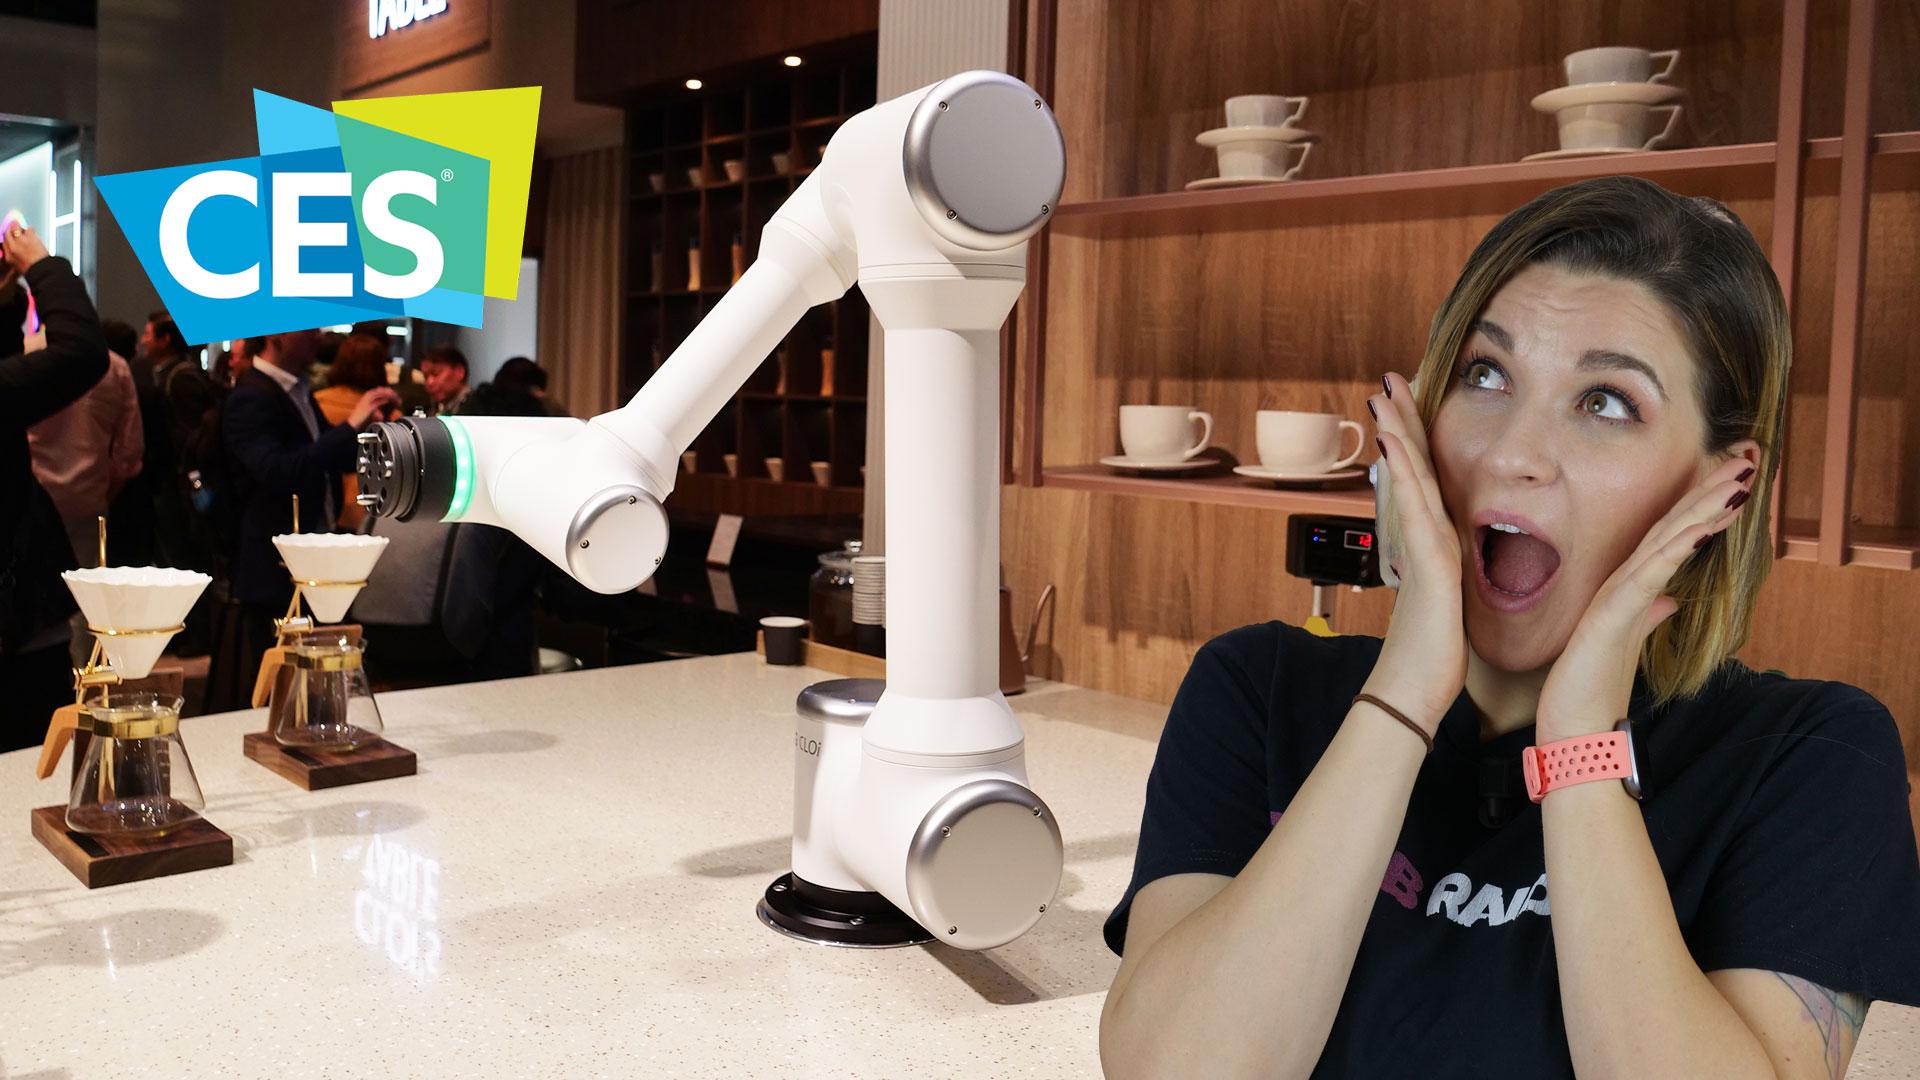 La Smart Home di LG: porte smart per corrieri e mega bracci robot da cucina | CES 2020 thumbnail